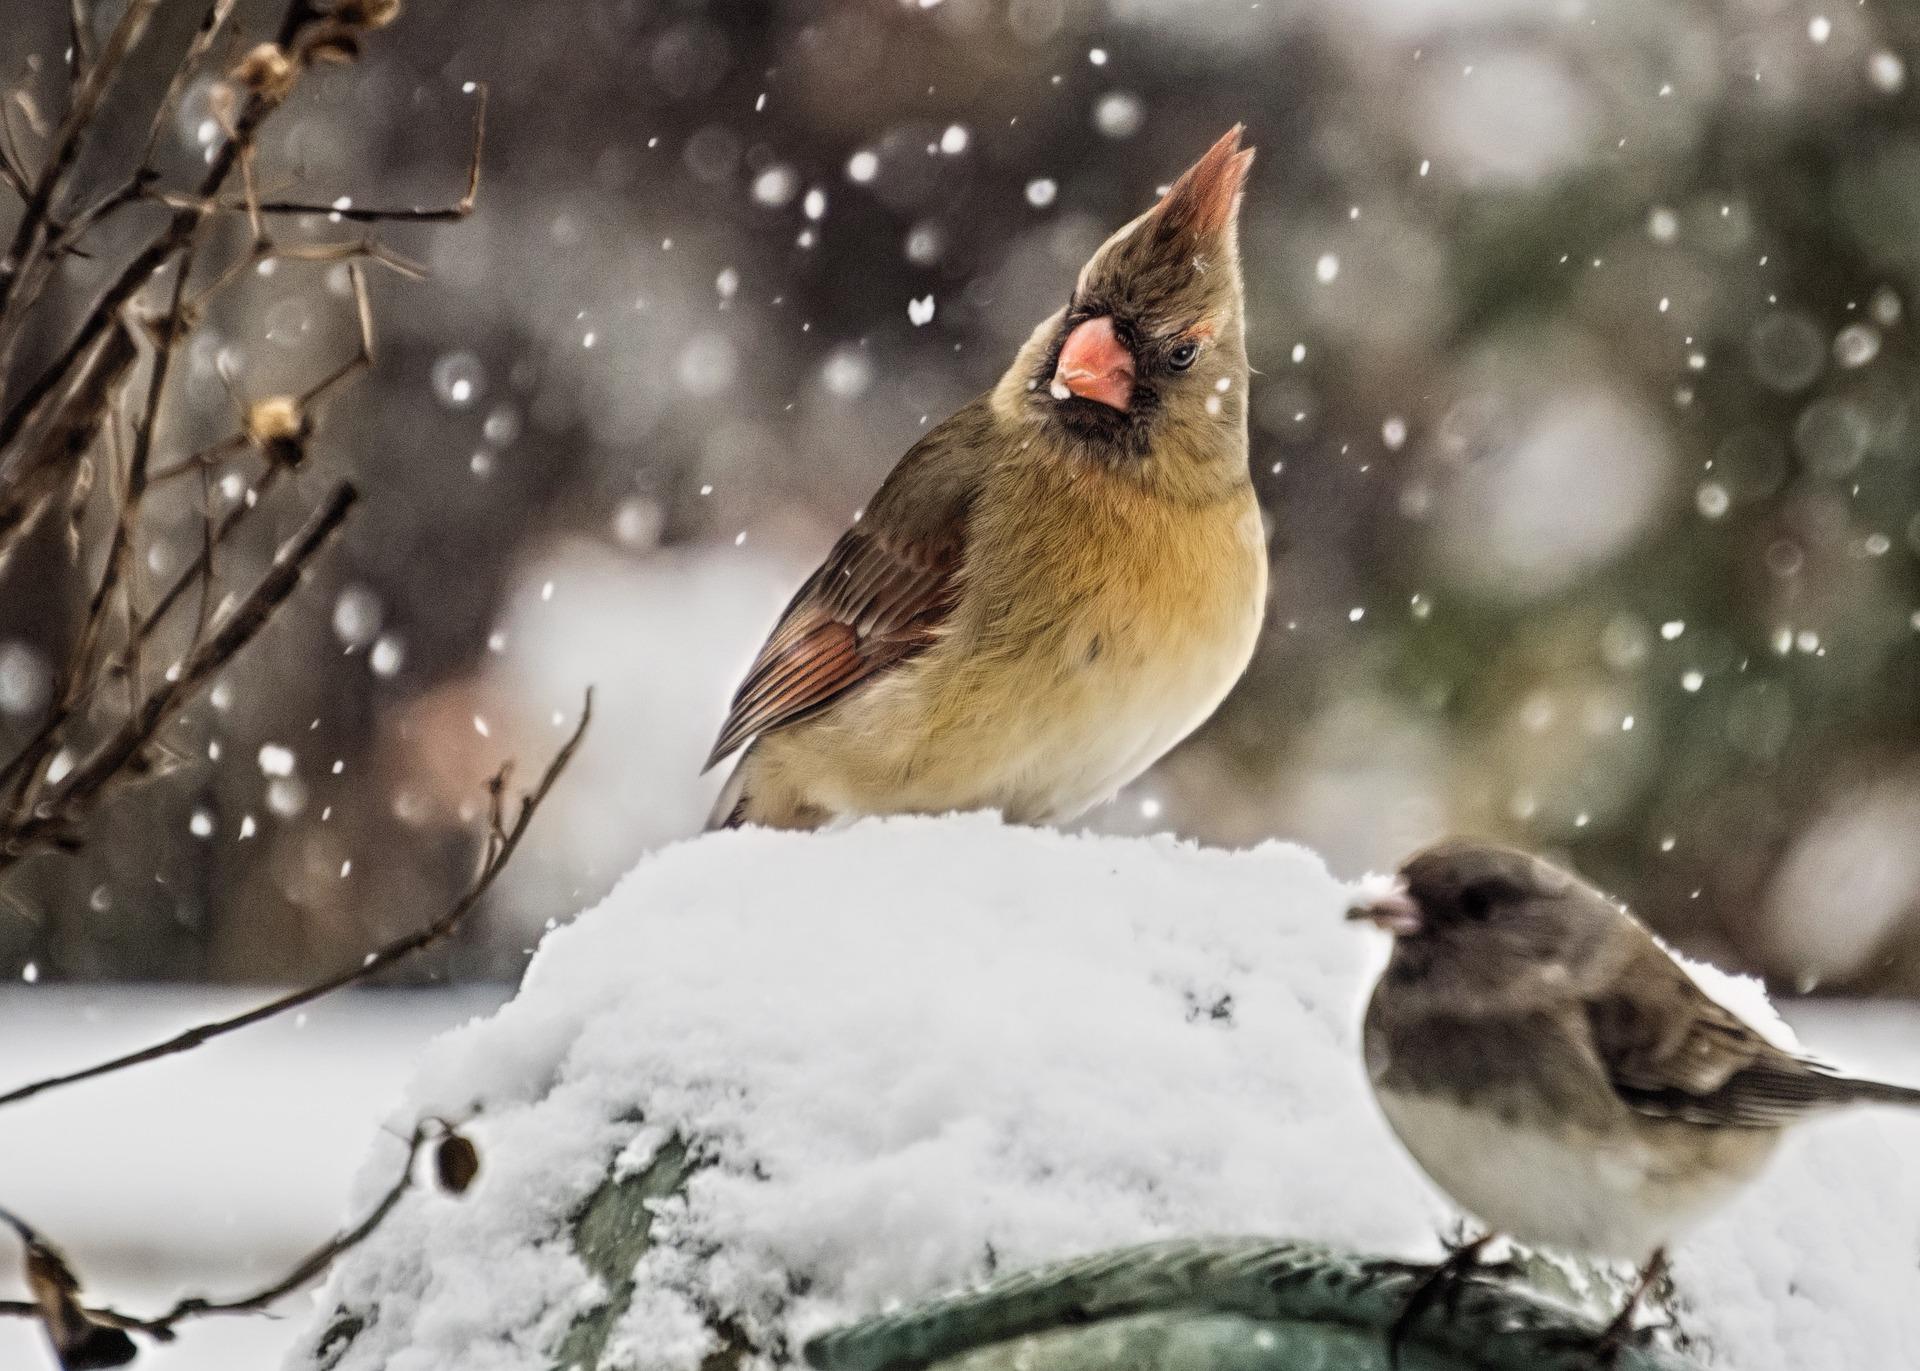 Vogels in de tuin herkennen